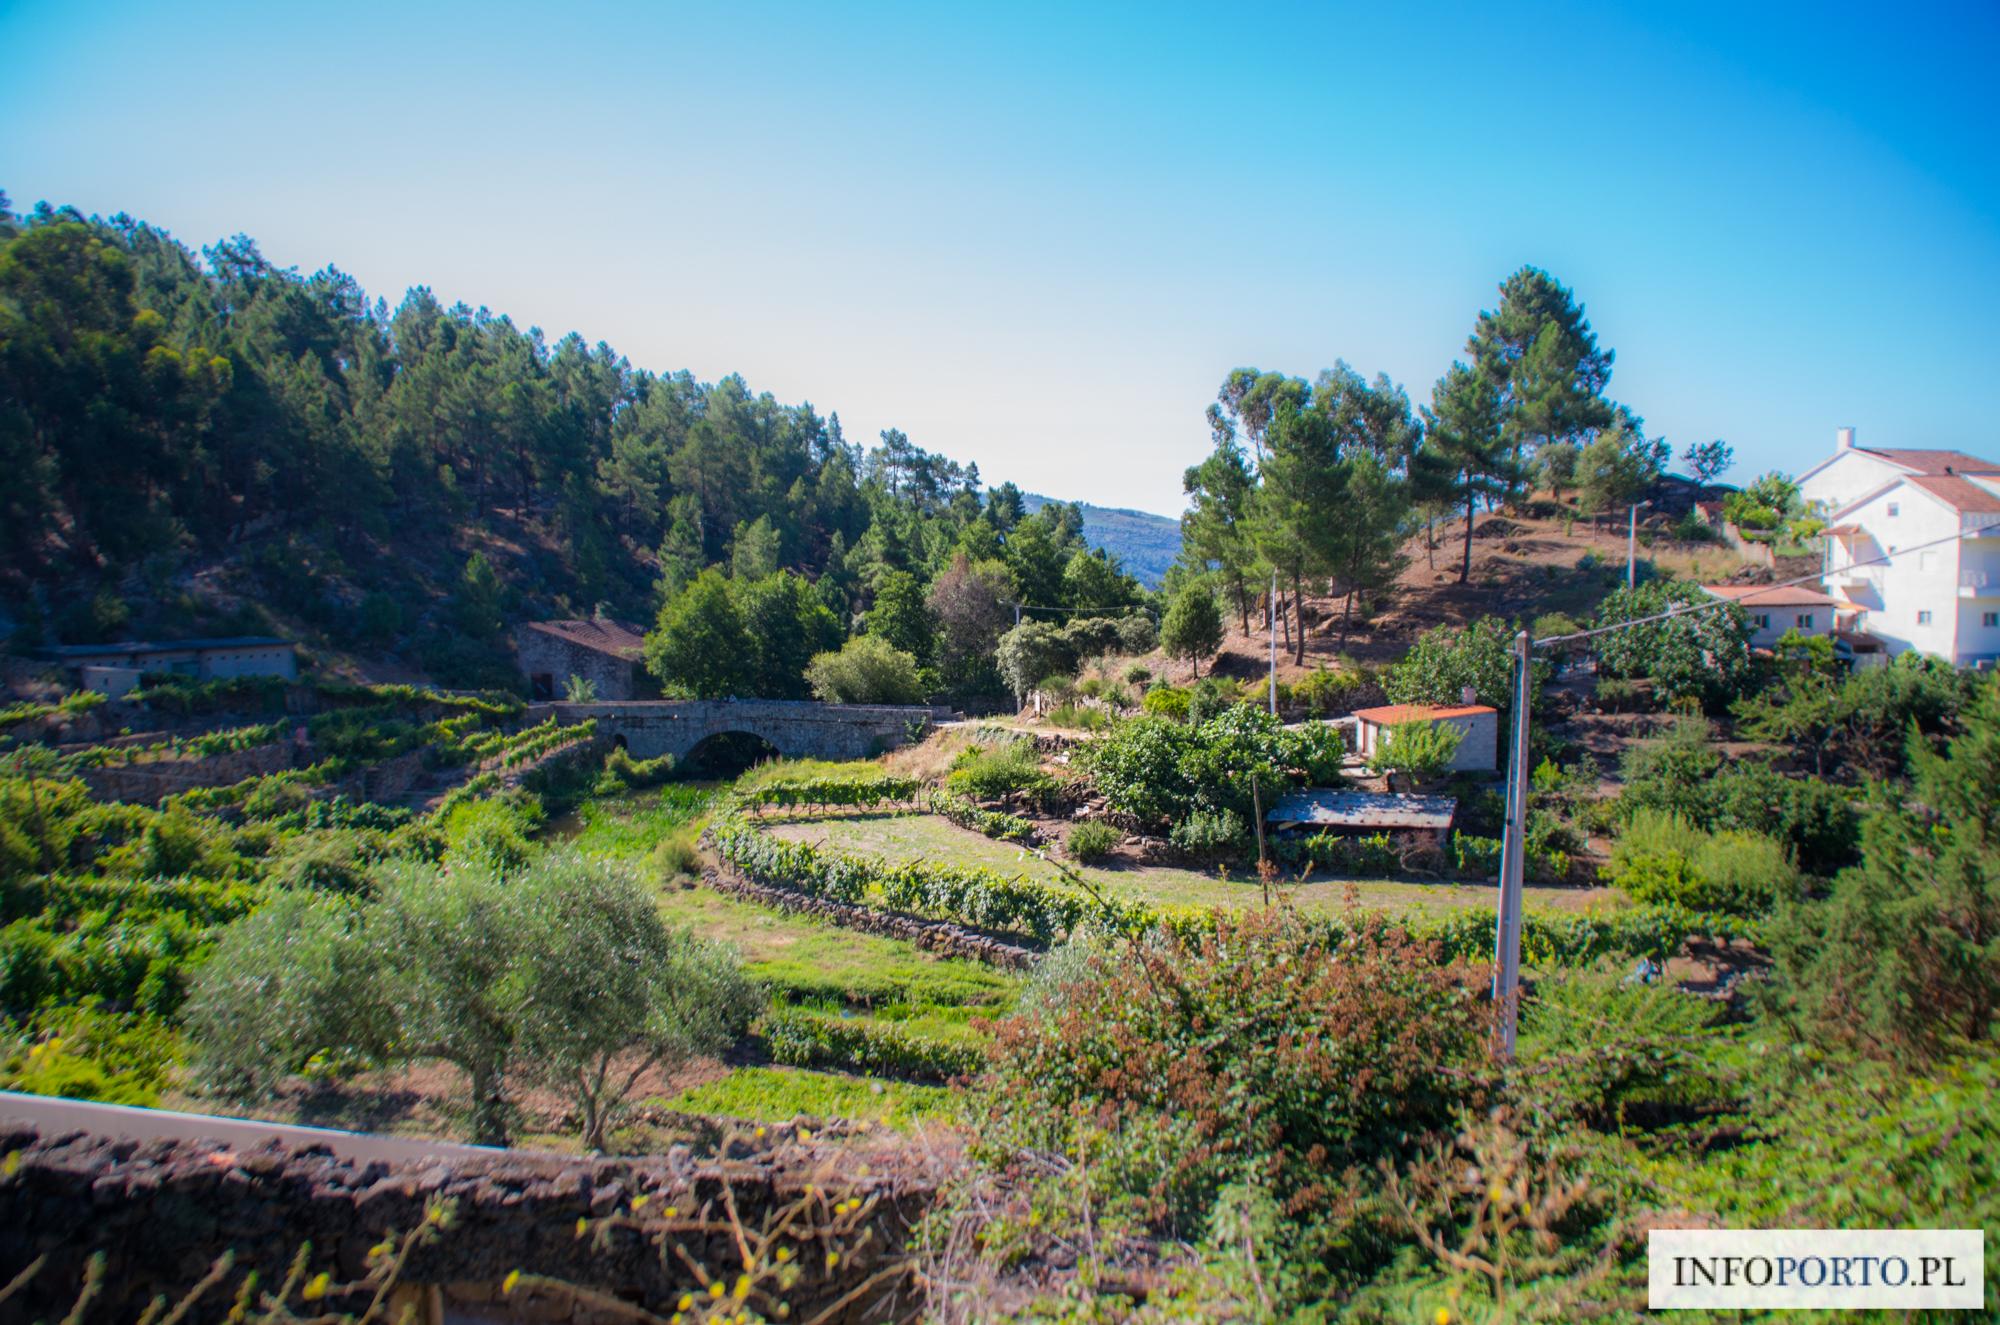 Dolina rzeki Douro zdjęcia fotografia photos foto zdjecia fotografia photograpfy galeria zdjęć opis informacje praktyczne zwiedzanie mapa